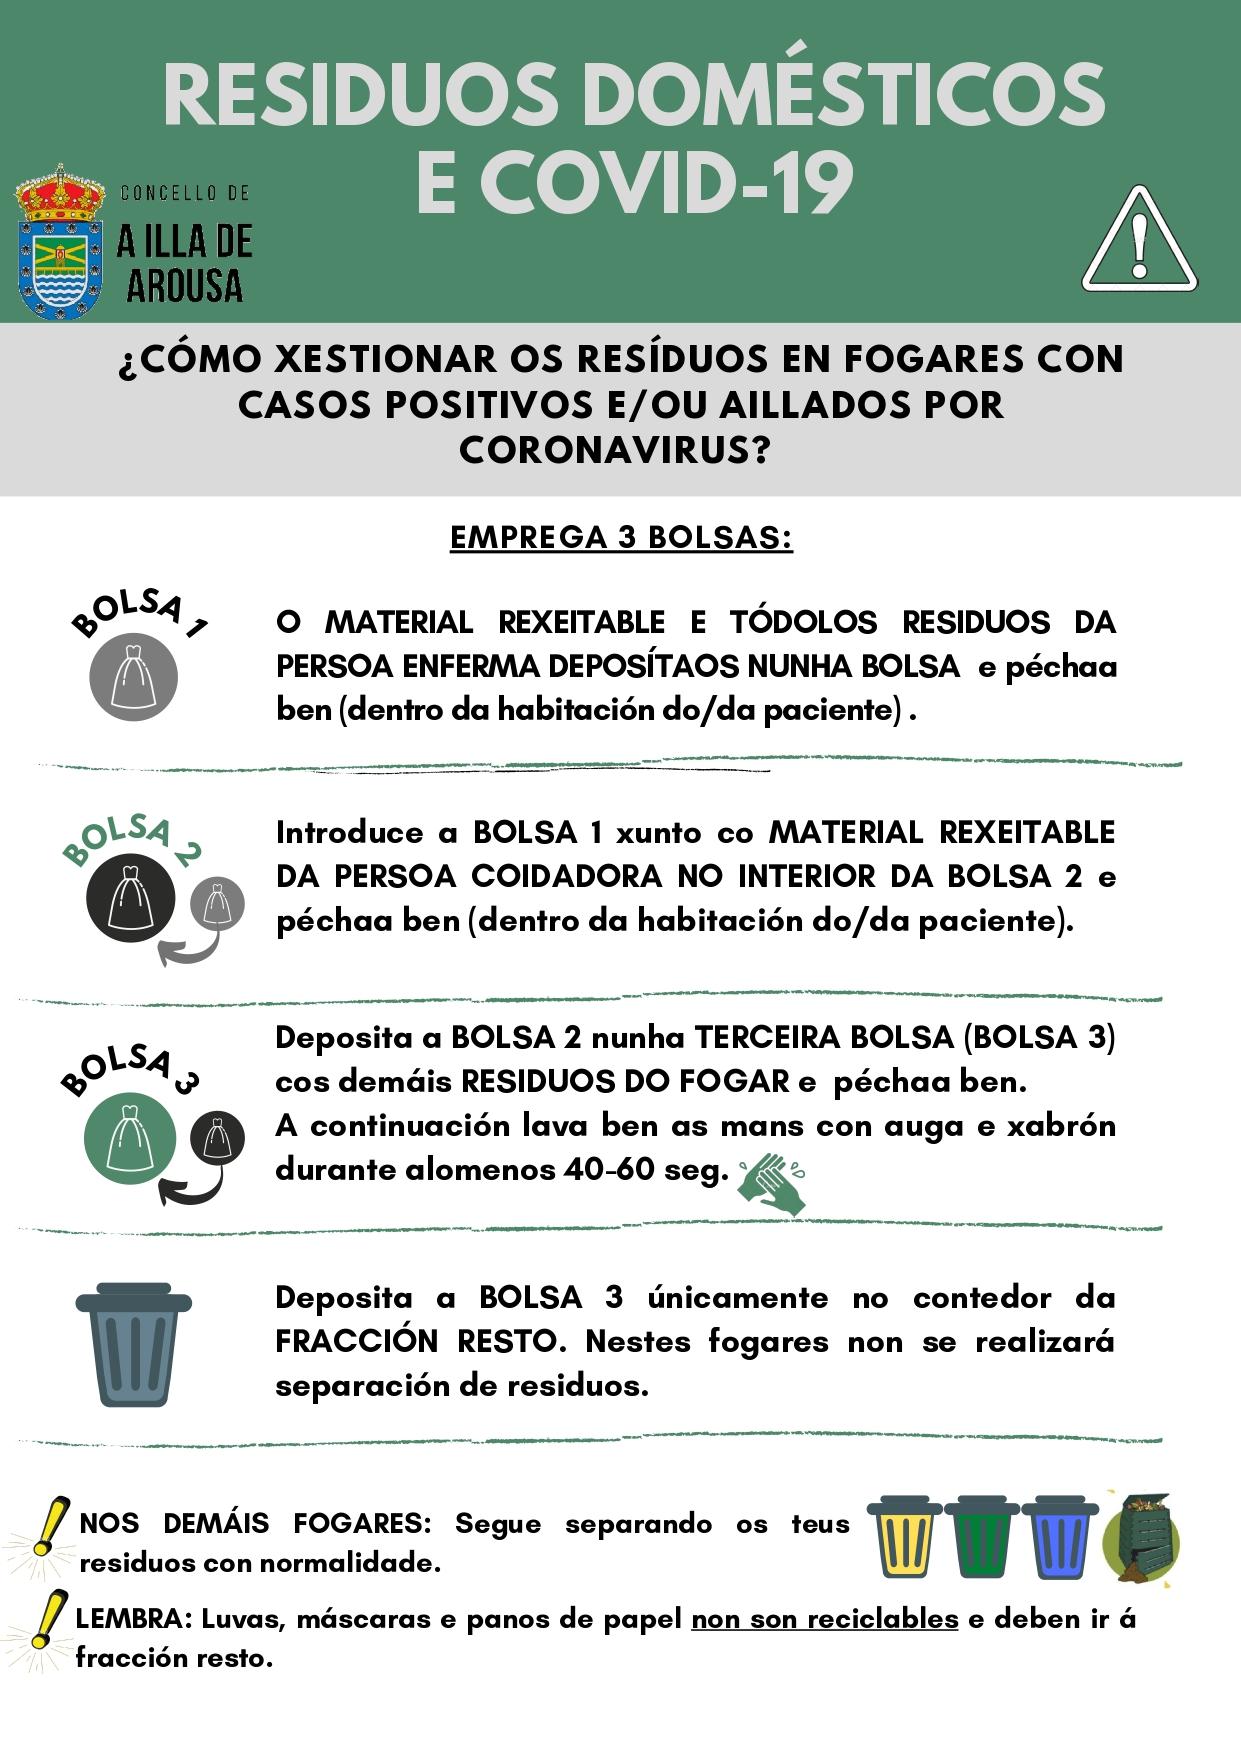 Residuos domésticos e Covid 19